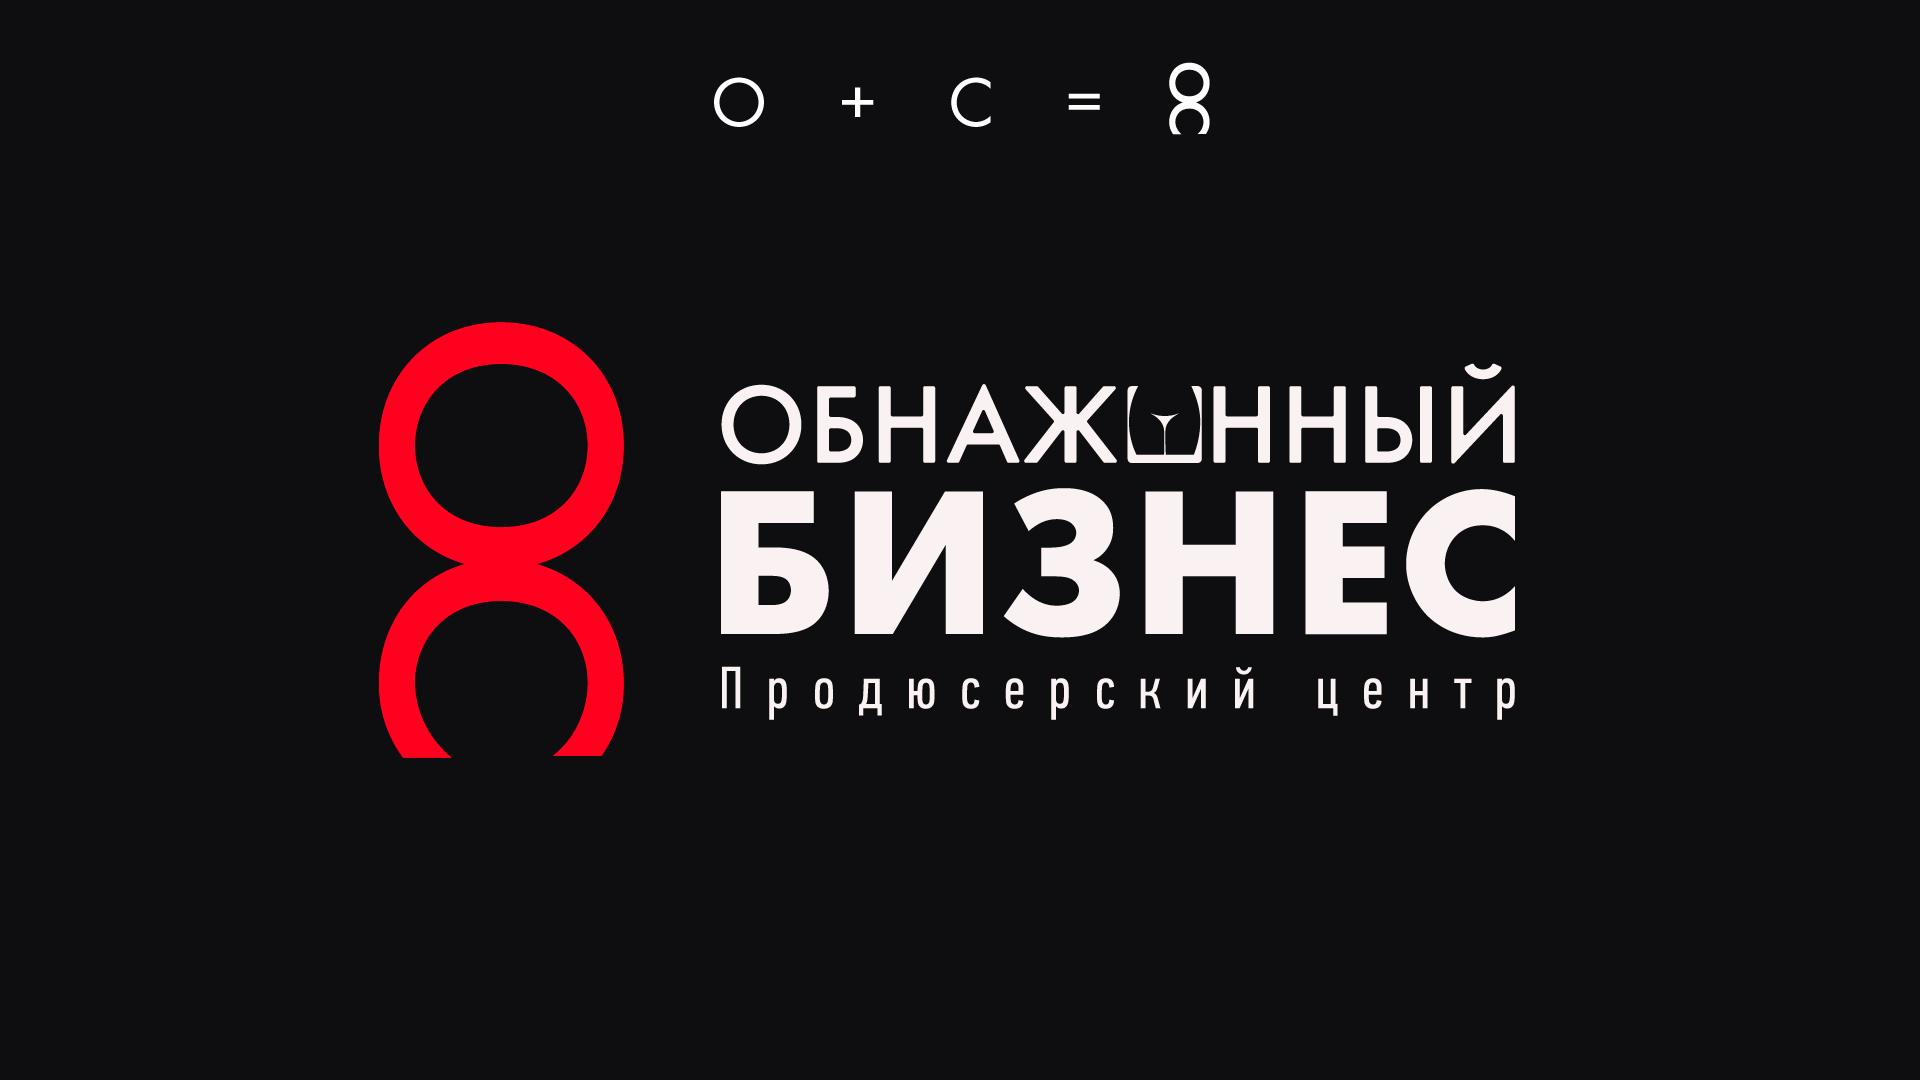 """Логотип для продюсерского центра """"Обнажённый бизнес"""" фото f_8085ba3e73d43acf.png"""